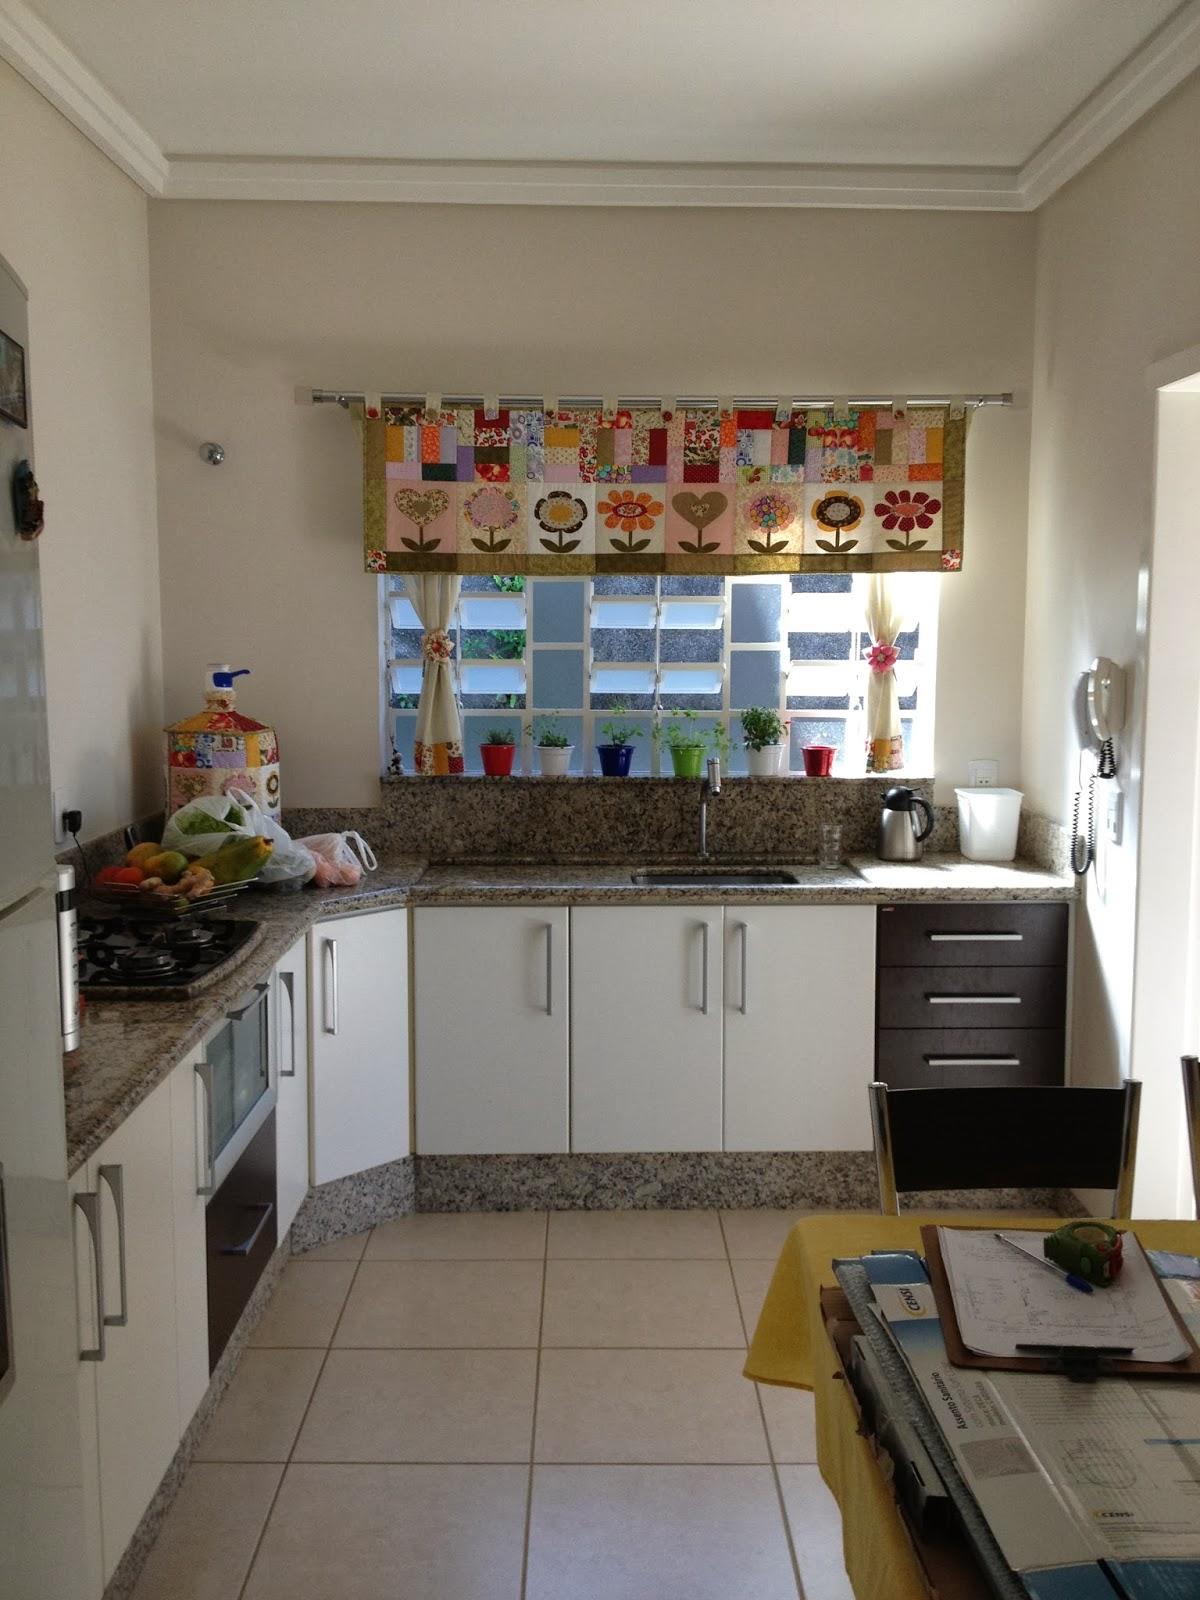 Tatiana Mussi Arquitetura e Interiores: Cozinha e Área de Serviço #3F648C 1200 1600